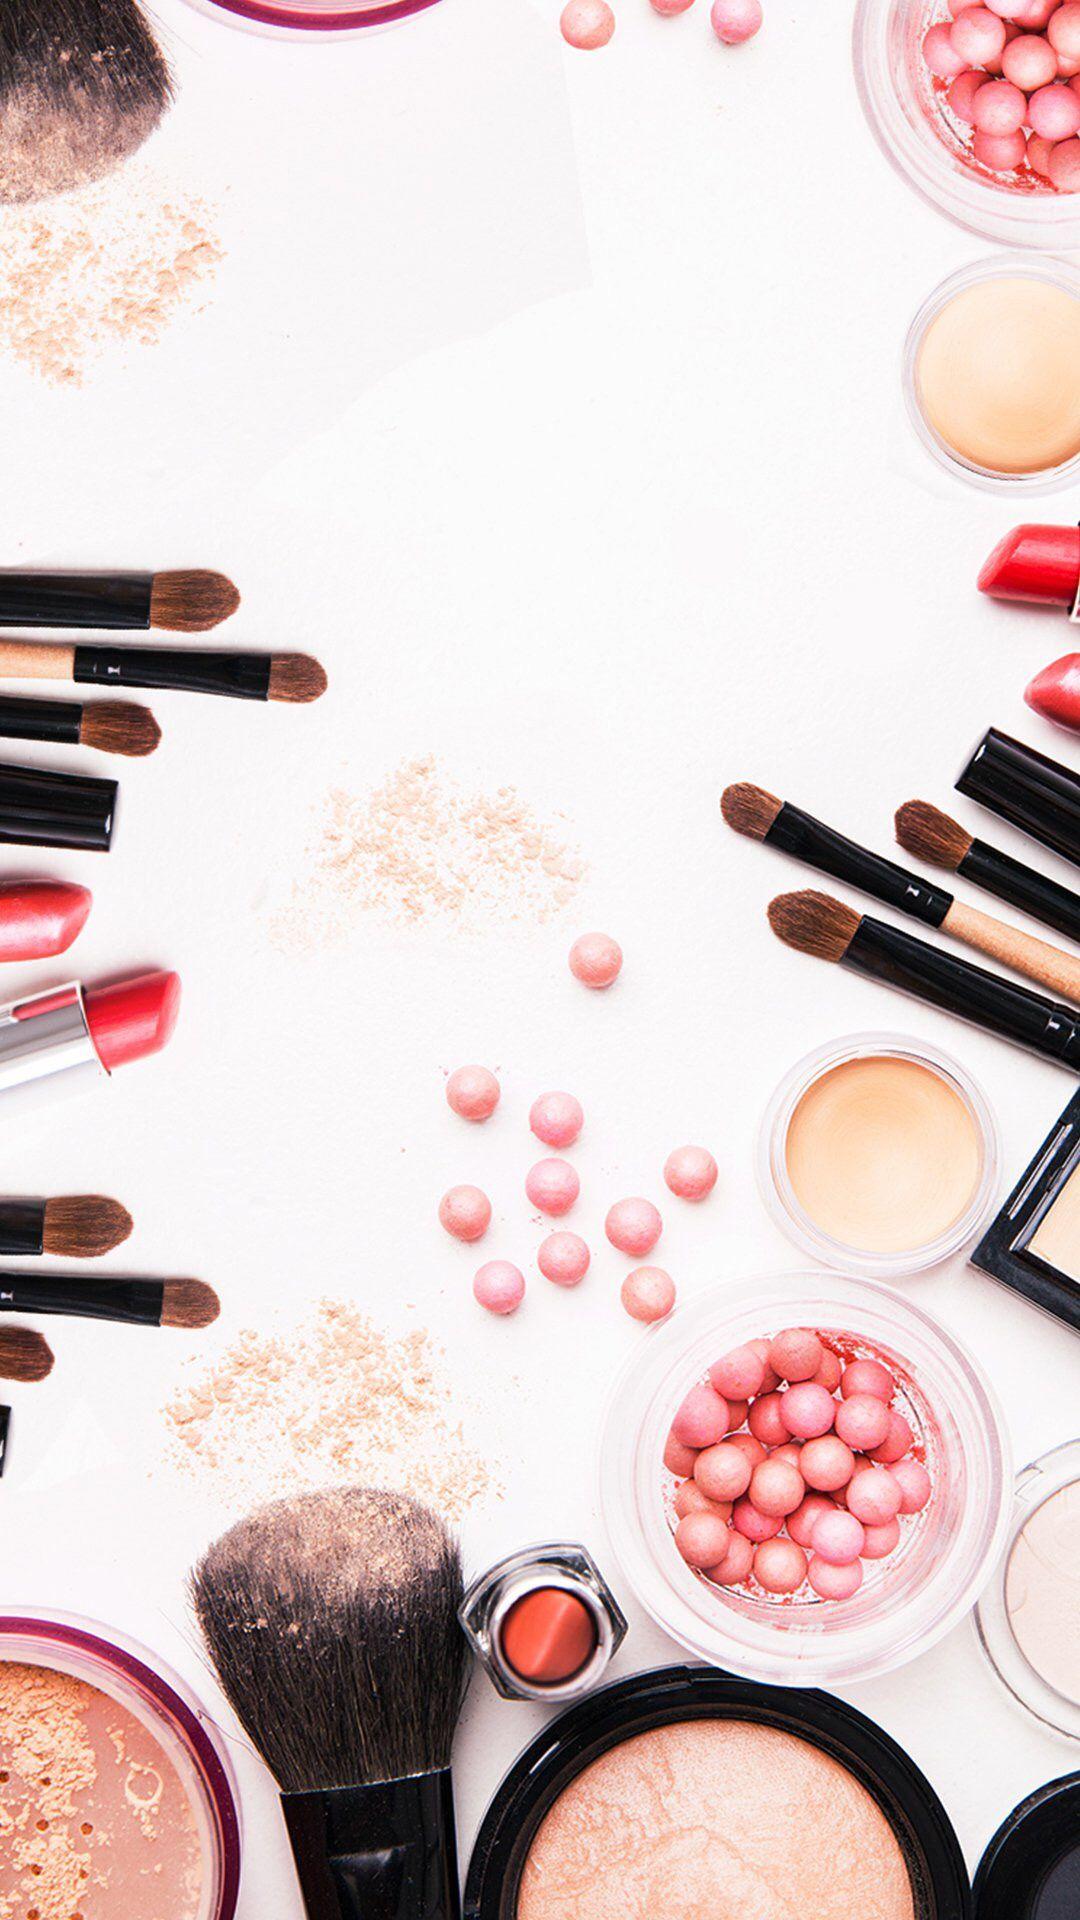 Pin de Zeerose5 em Wallpapers  Makeup wallpapers, Makeup illustration e Makeup backgrounds